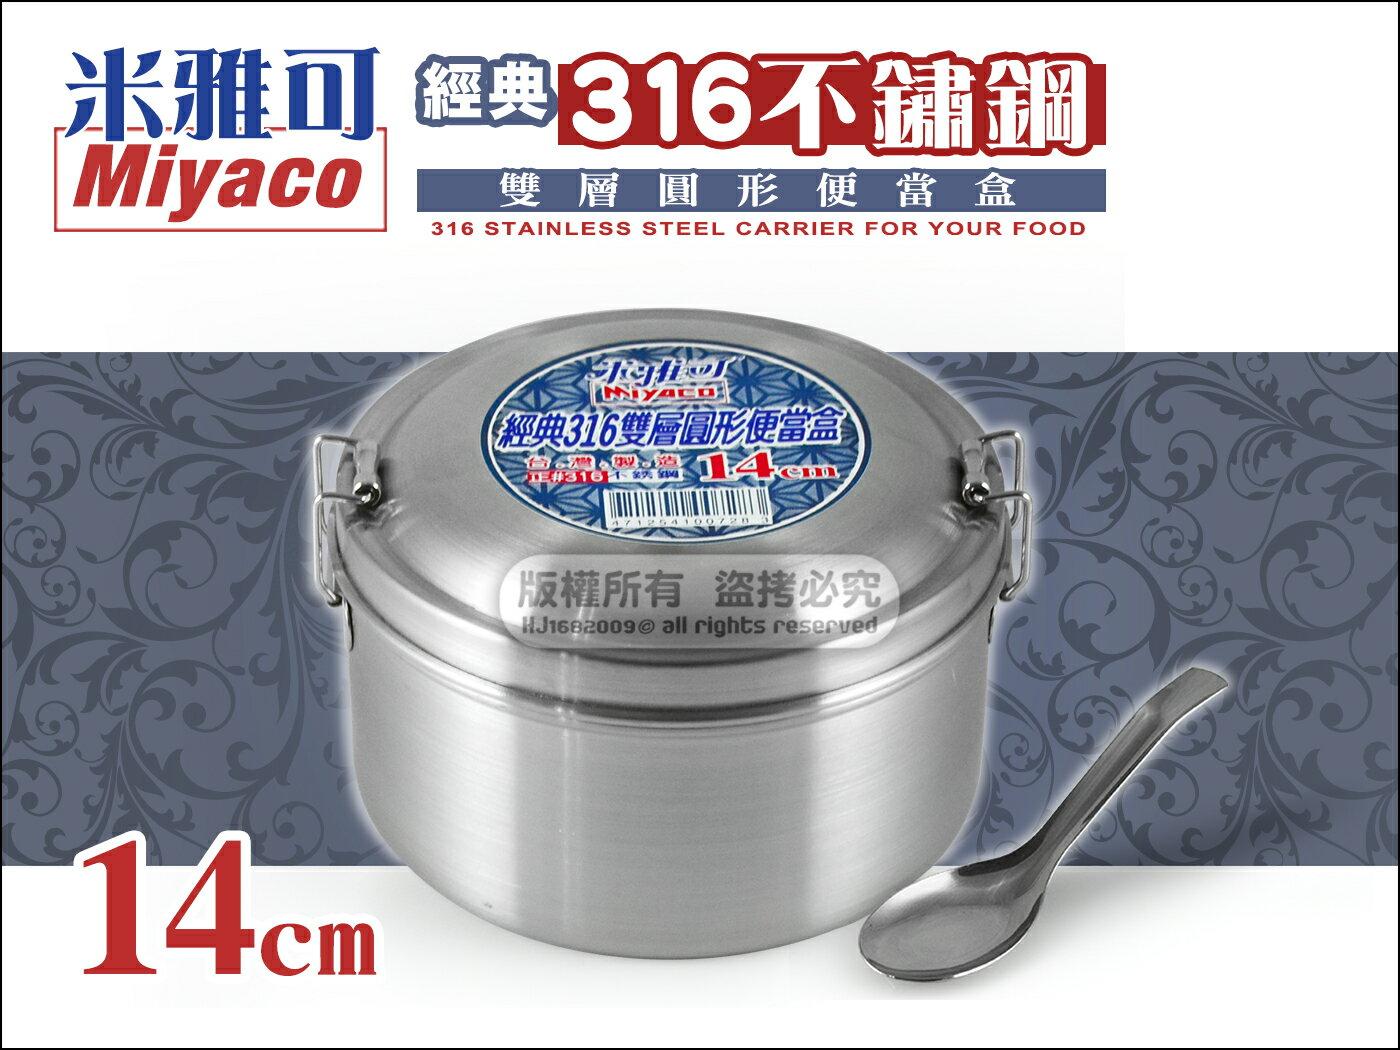 快樂屋♪ 米雅可 7283 經典316不鏽鋼 雙層圓形便當盒【附湯匙】 14cm 可蒸